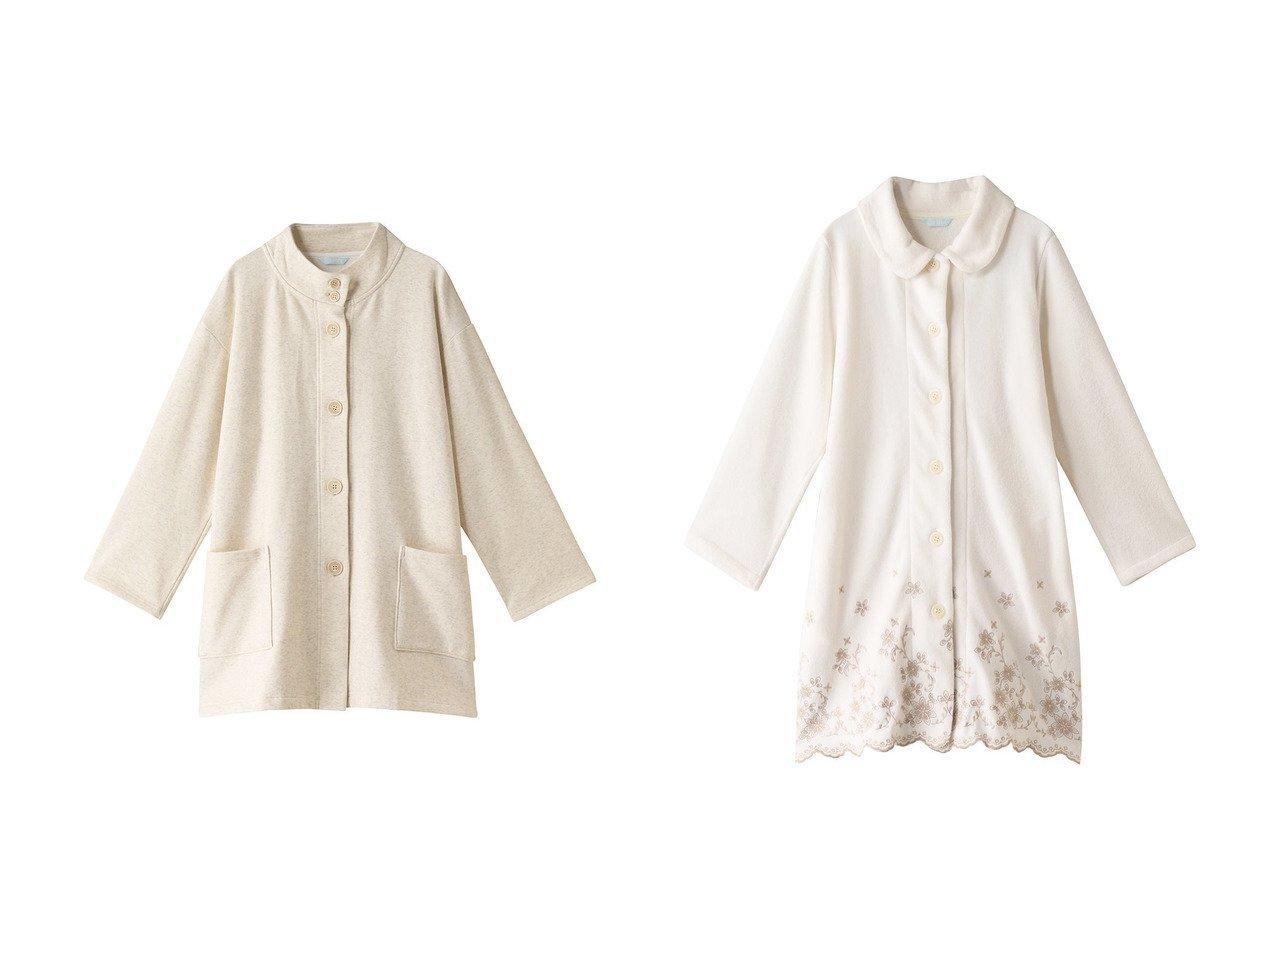 【KID BLUE/キッドブルー】の21裏シャギー無地ガウン&21フリースエンブガウン 【ルームウェア・パジャマ】おすすめ!人気、トレンド・レディースファッションの通販 おすすめで人気の流行・トレンド、ファッションの通販商品 インテリア・家具・メンズファッション・キッズファッション・レディースファッション・服の通販 founy(ファニー) https://founy.com/ ファッション Fashion レディースファッション WOMEN トップス・カットソー Tops/Tshirt お家時間・ステイホーム Home Time/Stay Home ガウン スカラップ フラワー A/W・秋冬 AW・Autumn/Winter・FW・Fall-Winter シンプル スタンド リラックス 無地 |ID:crp329100000071786